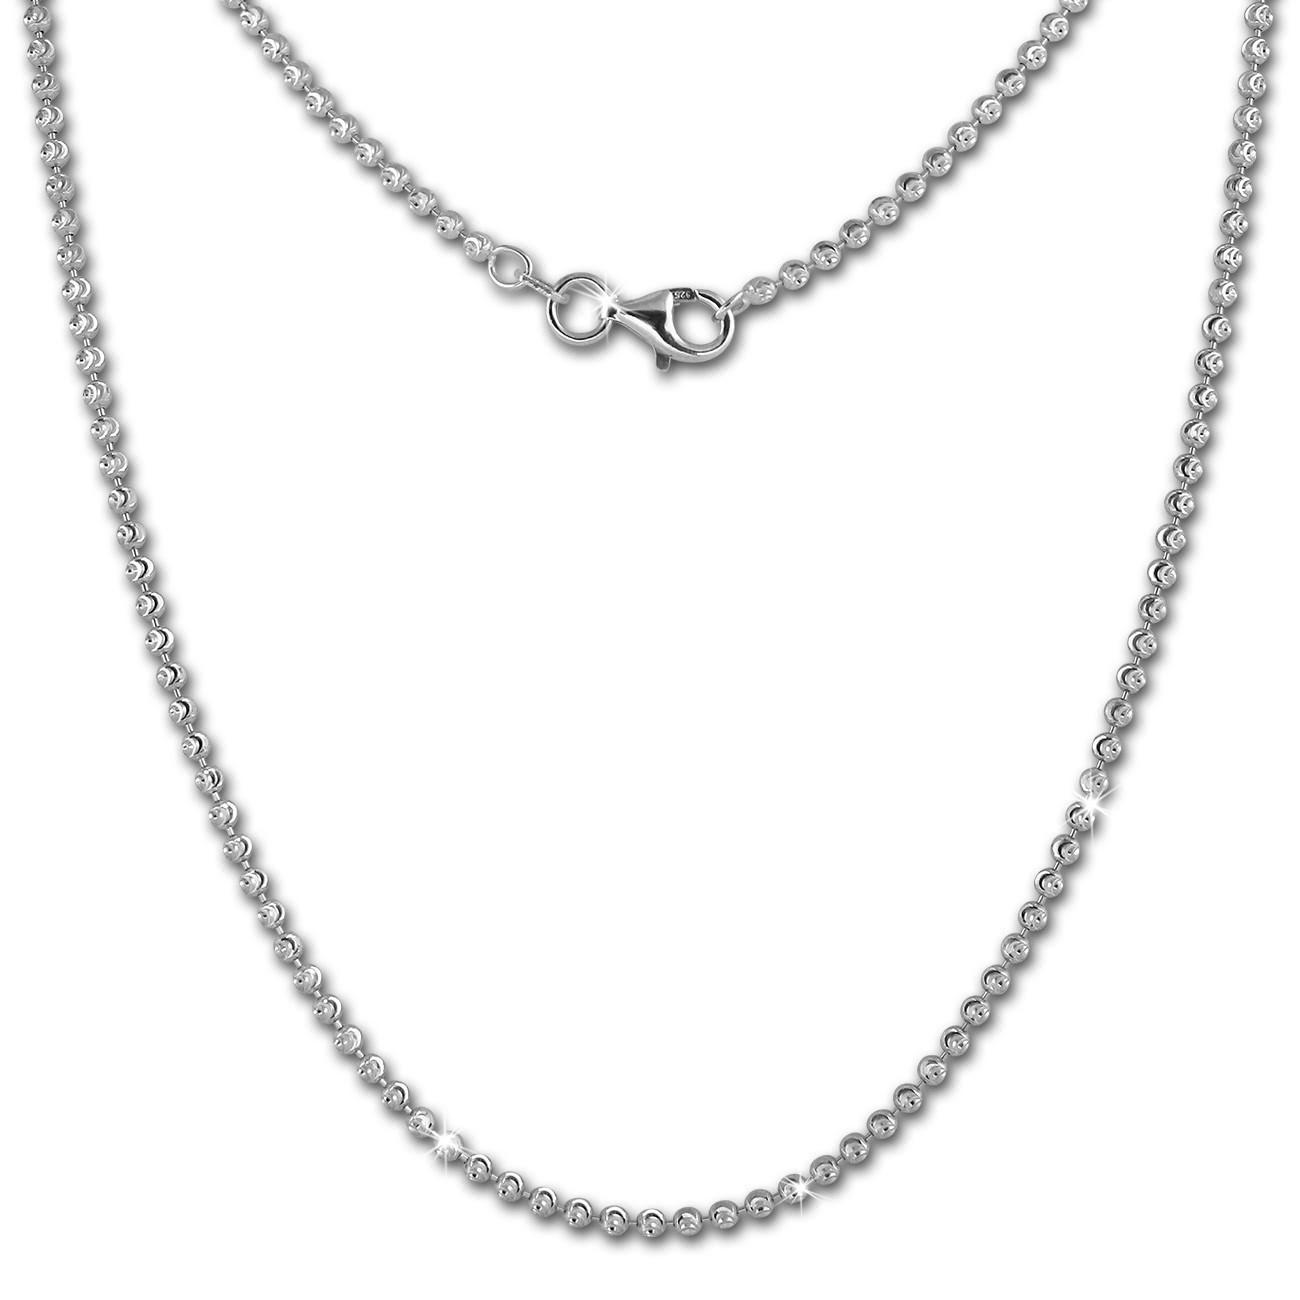 SilberDream Kette Kugel diamantiert 925 Silber 45cm Damen Kette SDK28545J